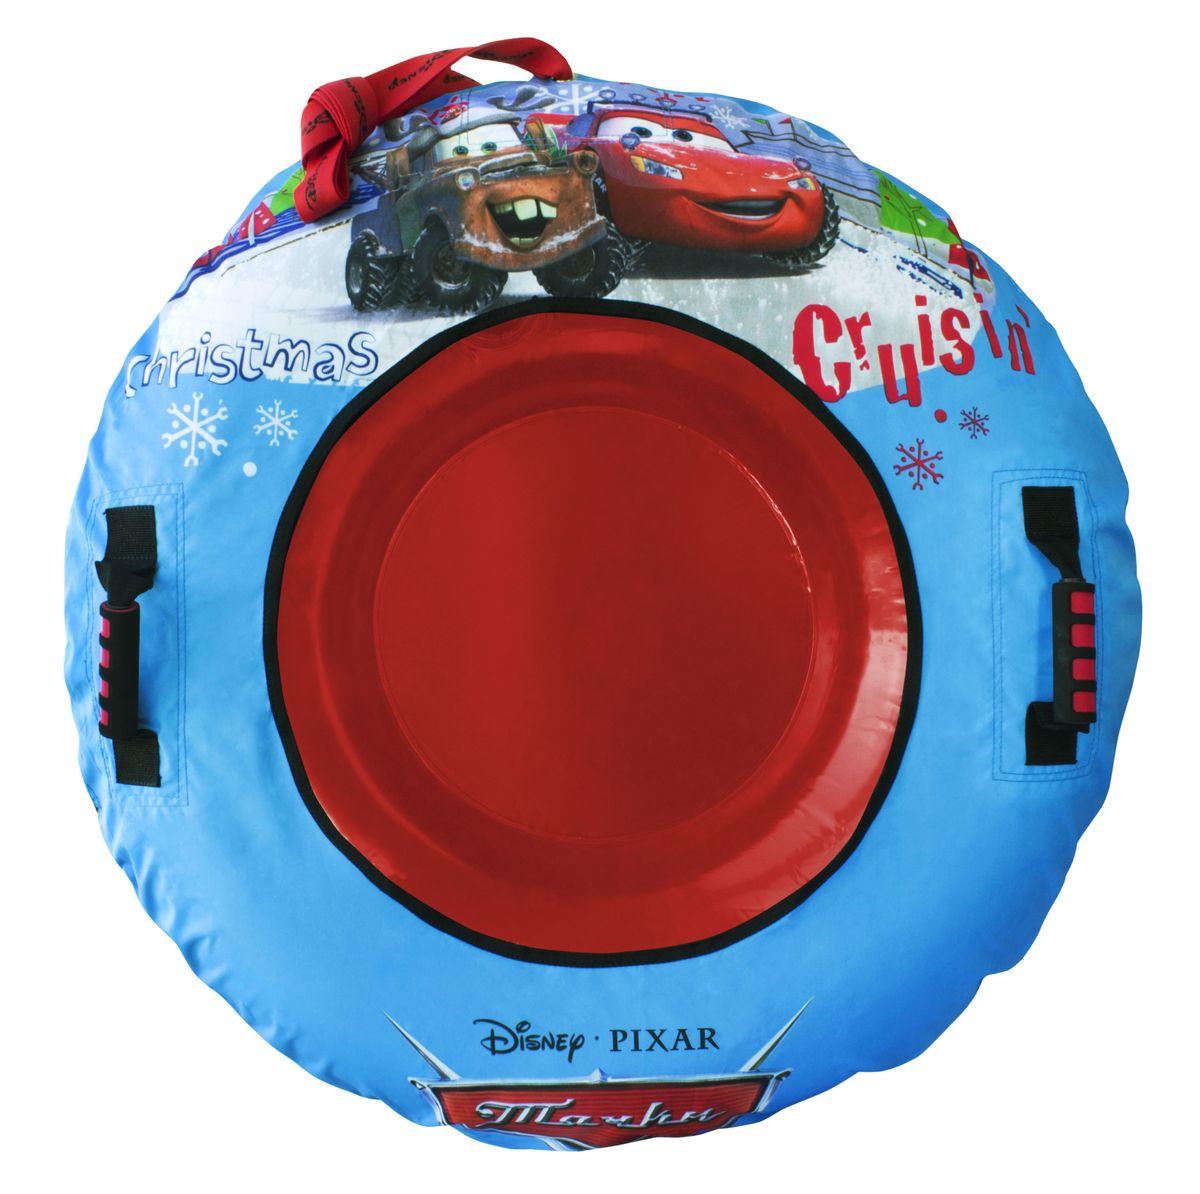 Тачки Тюбинг Disney Тачки, диаметр 92 смТ57224Тюбинг Disney Тачки - это красочные надувные санки для веселых развлечений всей семьи, диаметр 92 см. Внешний чехол из нейлона 420 ден. Усиленные крепления ручек. Морозоустойчивый материал до -30С. Предназначен для использования на снежных и ледяных поверхностях. В комплекте: камера, чехол.Зимние игры на свежем воздухе. Статья OZON Гид